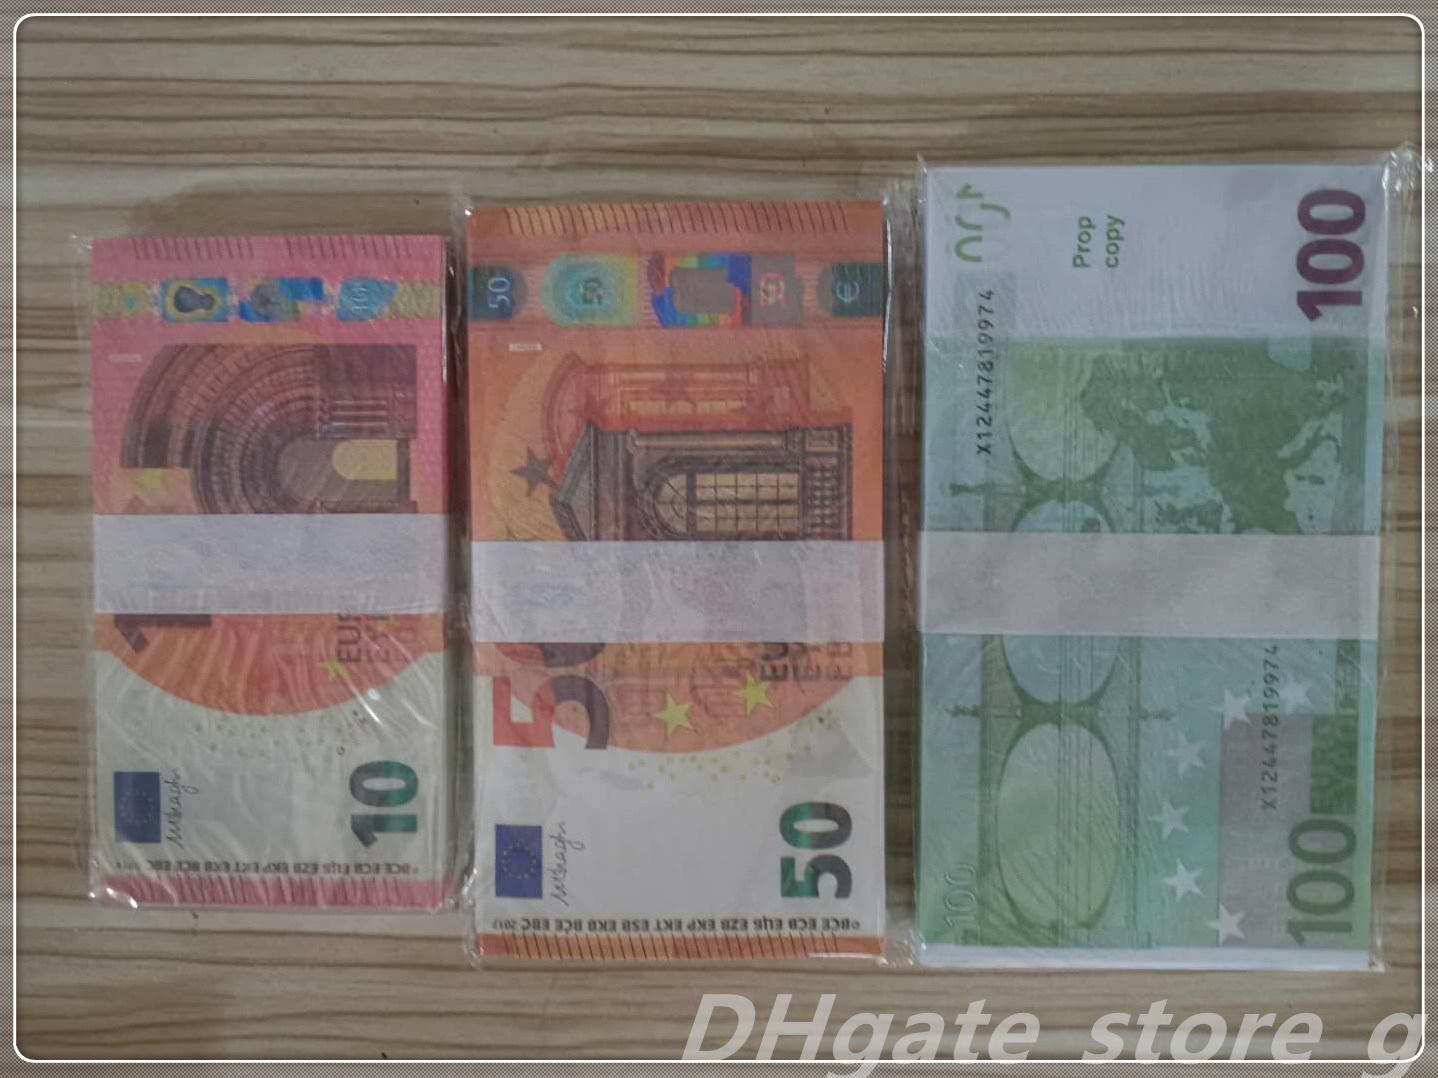 Billet en gros de l'argent argent lb-104 Quality TOP ProP Fake Film NightClub Livre Monnaie Monnaie Euro Bar Faux Atmosphère CQSAA RGDVU